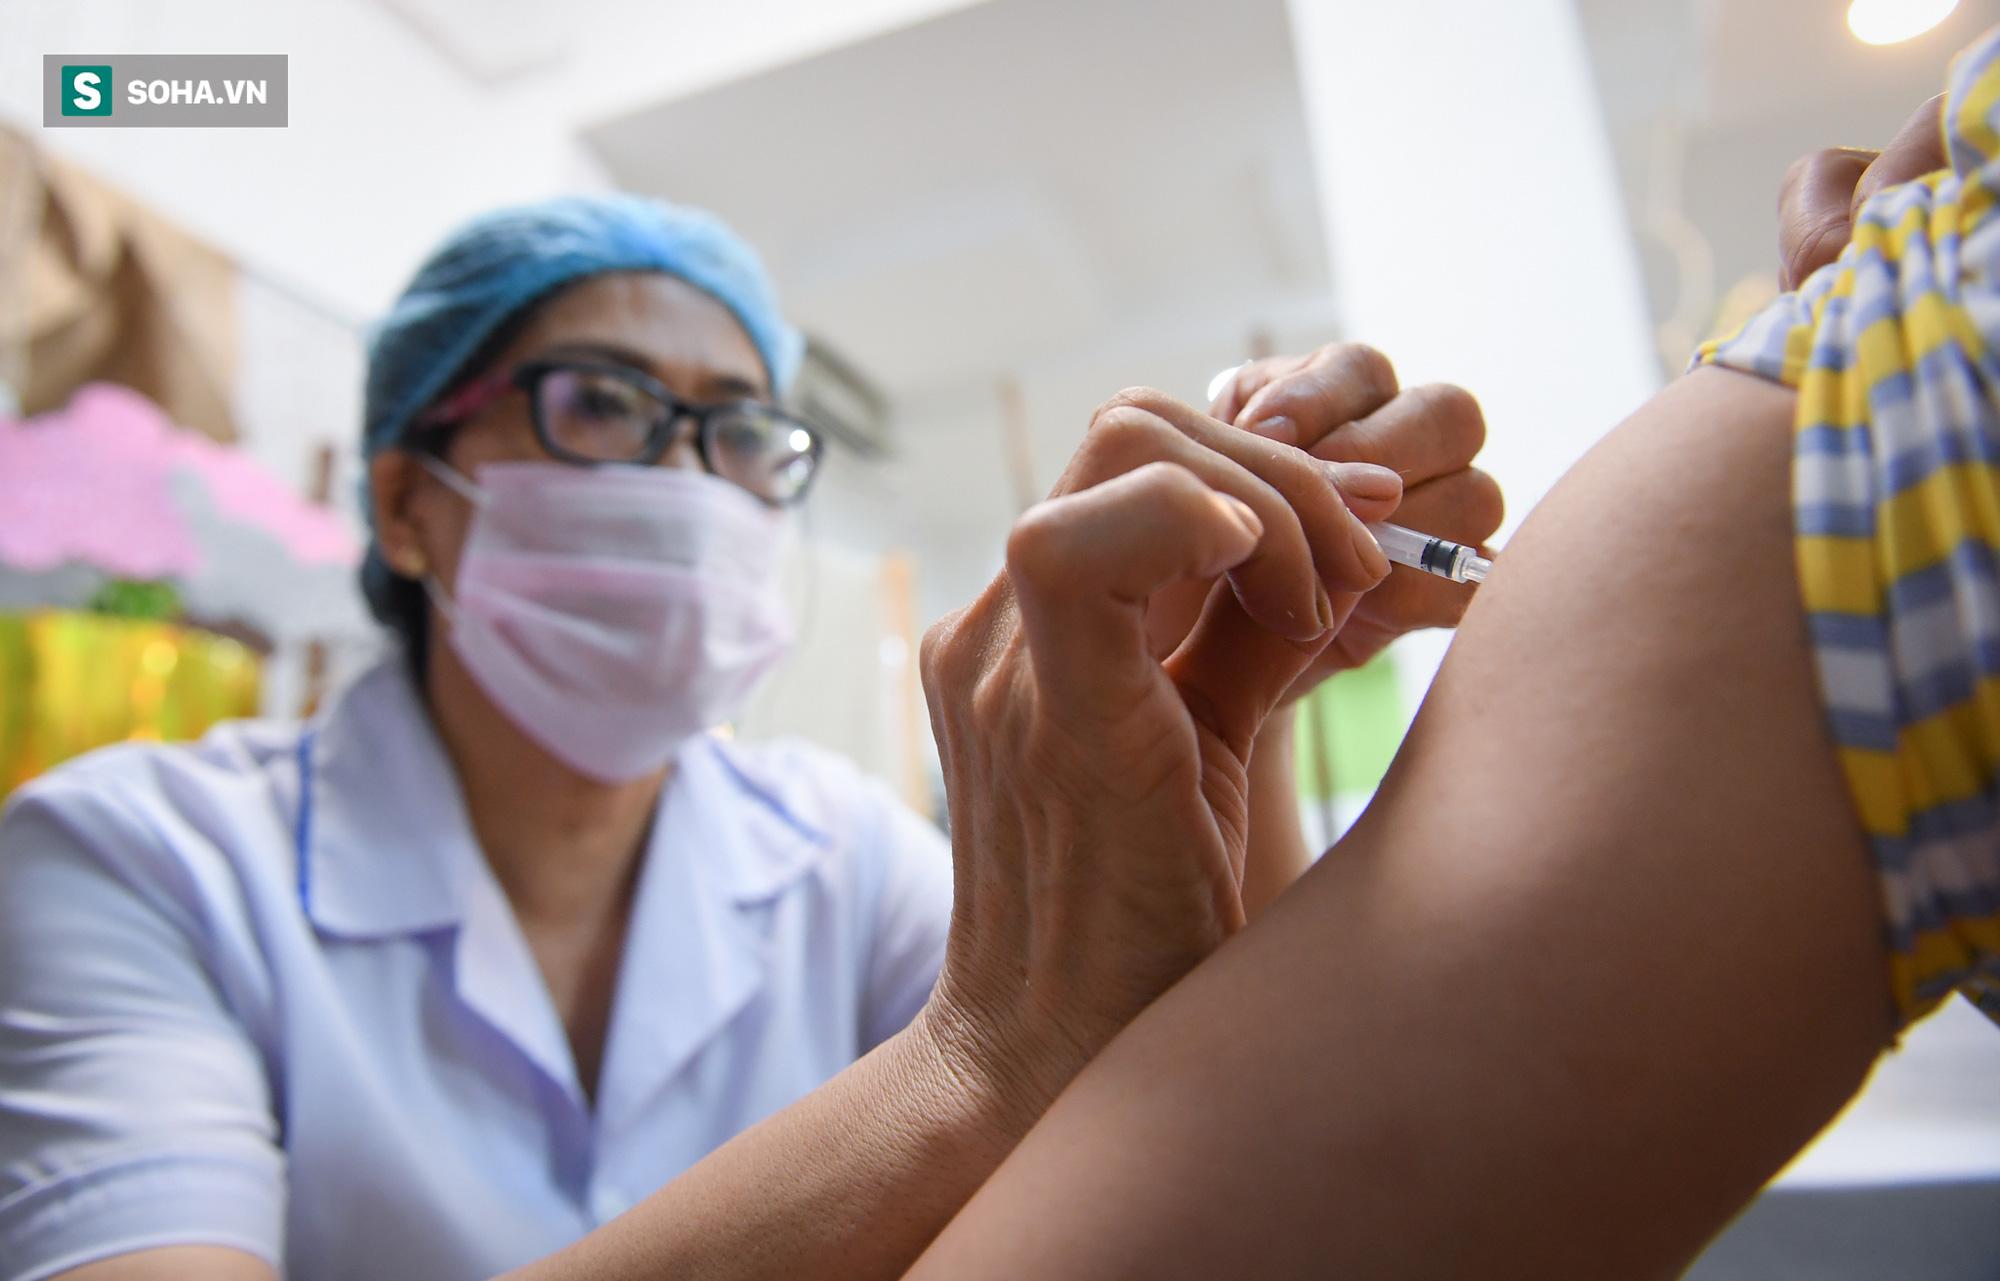 Hà Nội bắt đầu tiêm vaccine Covid-19 trên diện rộng - Ảnh 5.